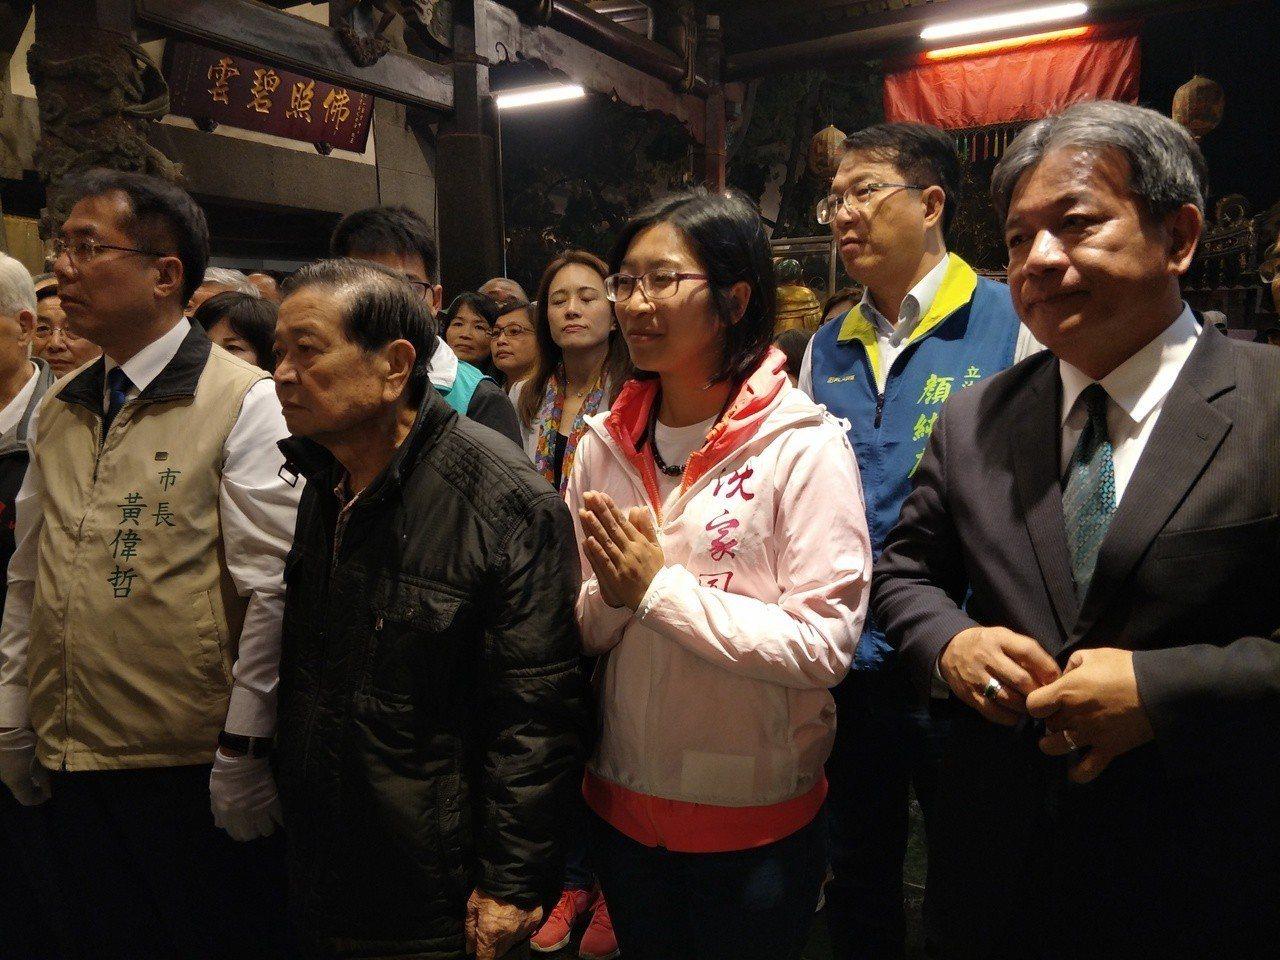 台南市長黃偉哲(左一)、市議會議長郭信良(右一)出席,兩人僅有零星互動。記者謝進...